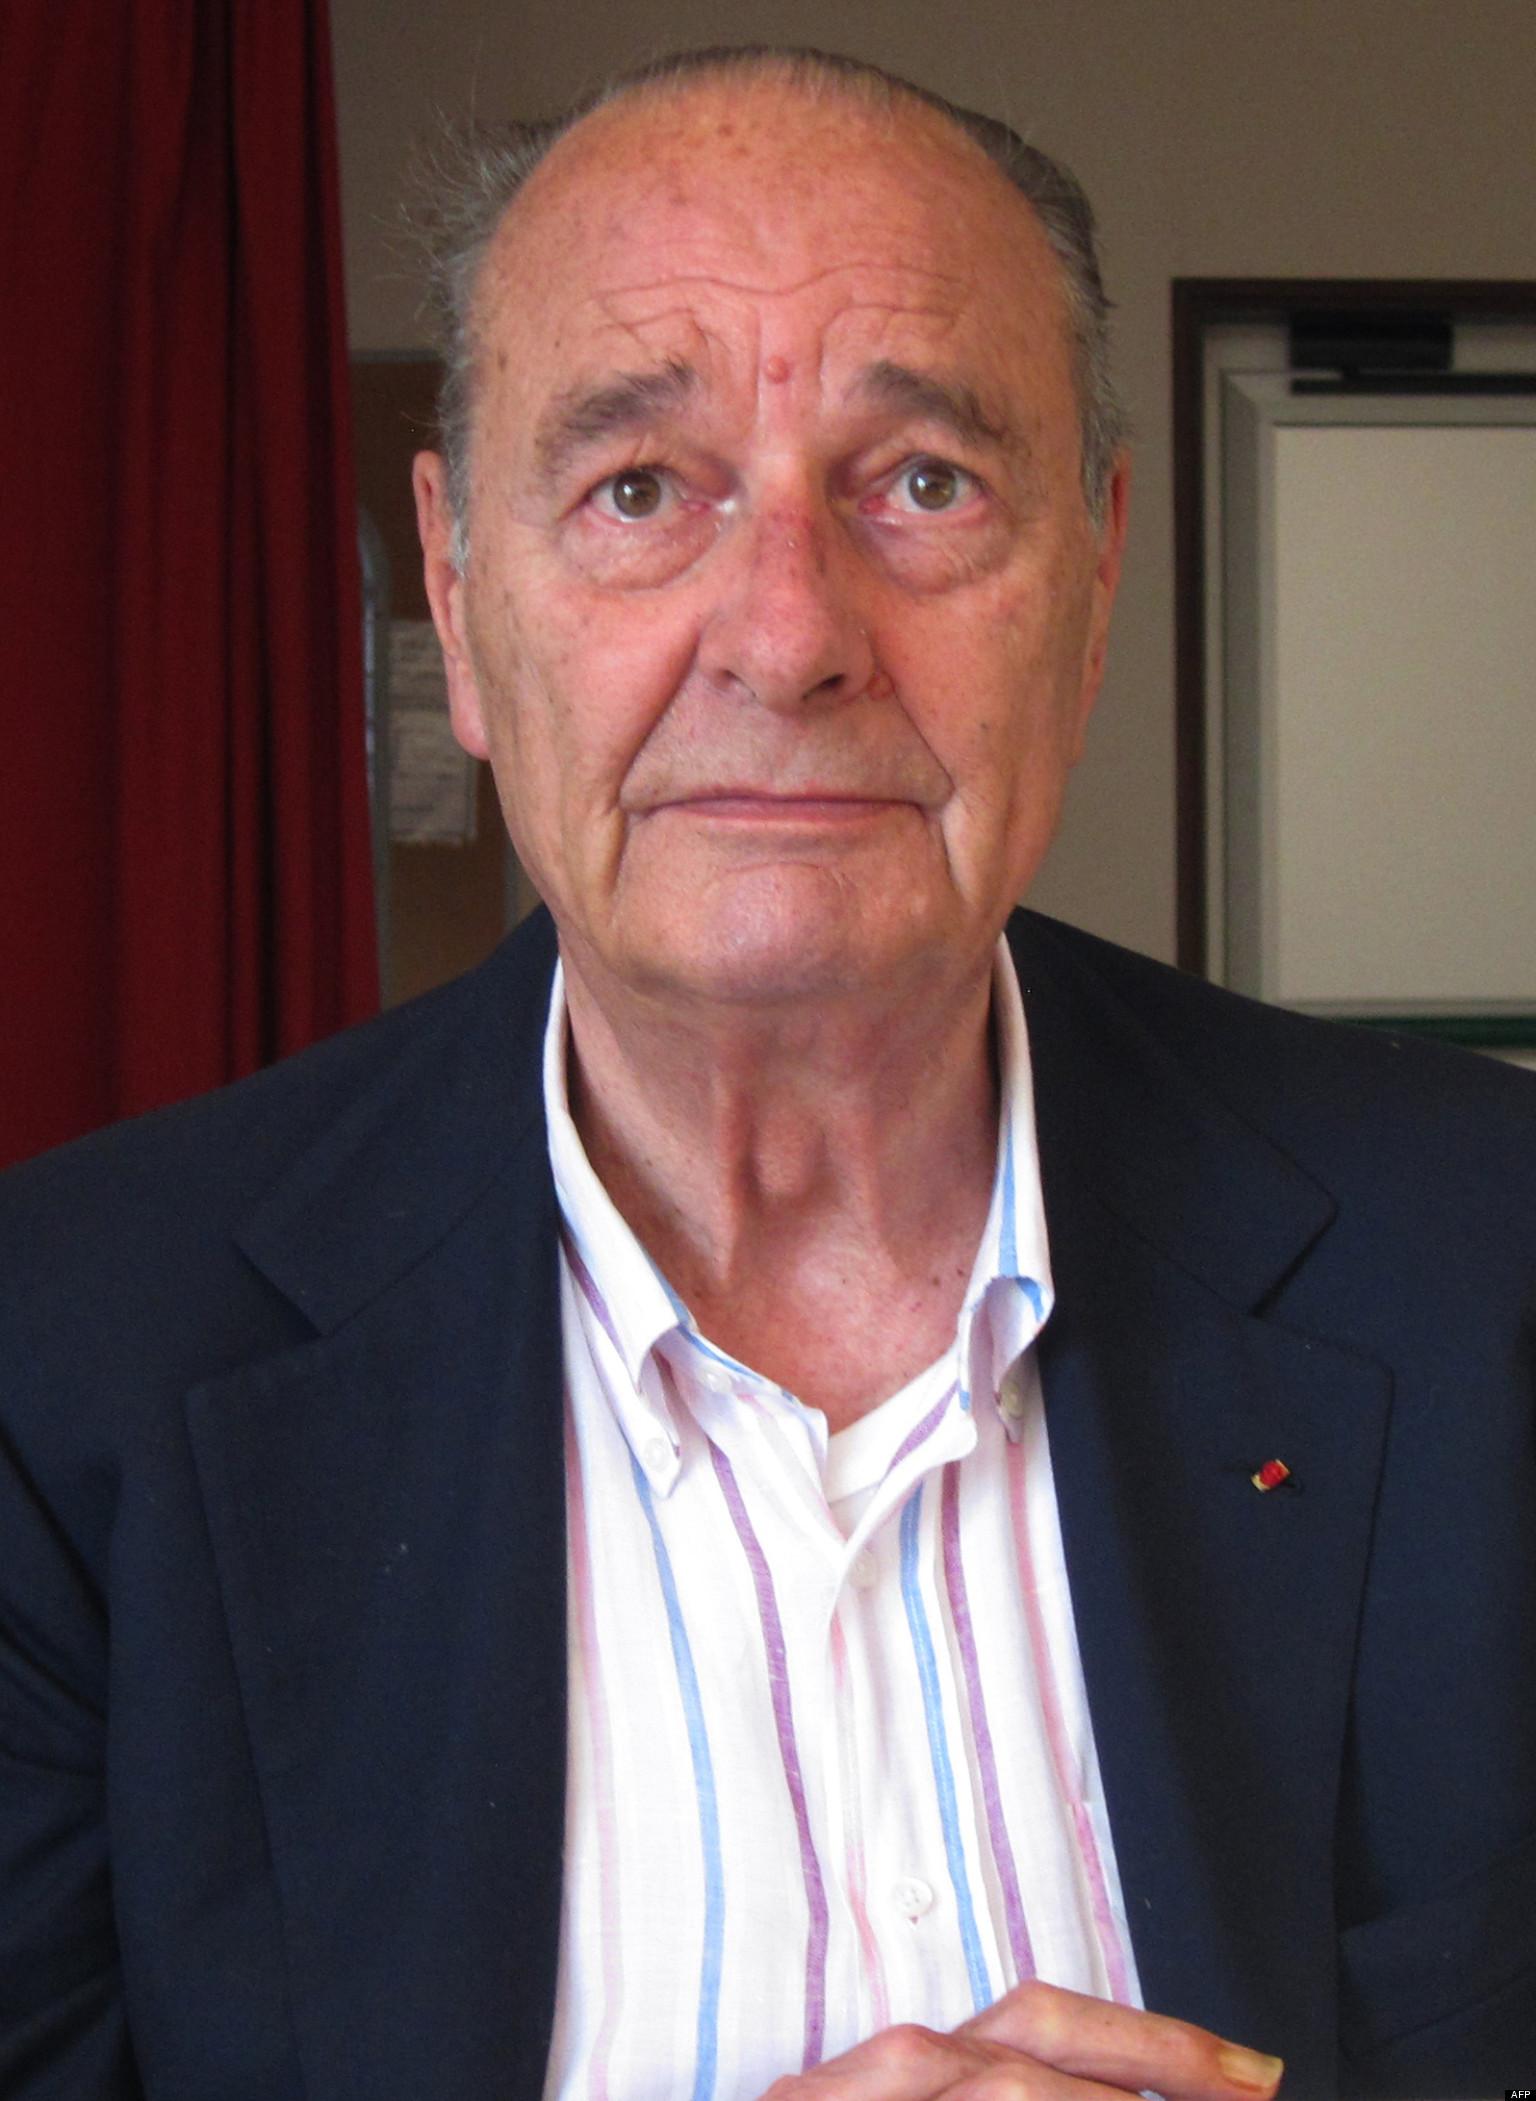 <b>Jacques Chirac</b> fête son 80e anniversaire - o-JACQUES-CHIRAC-ANNIVERSAIRE-facebook